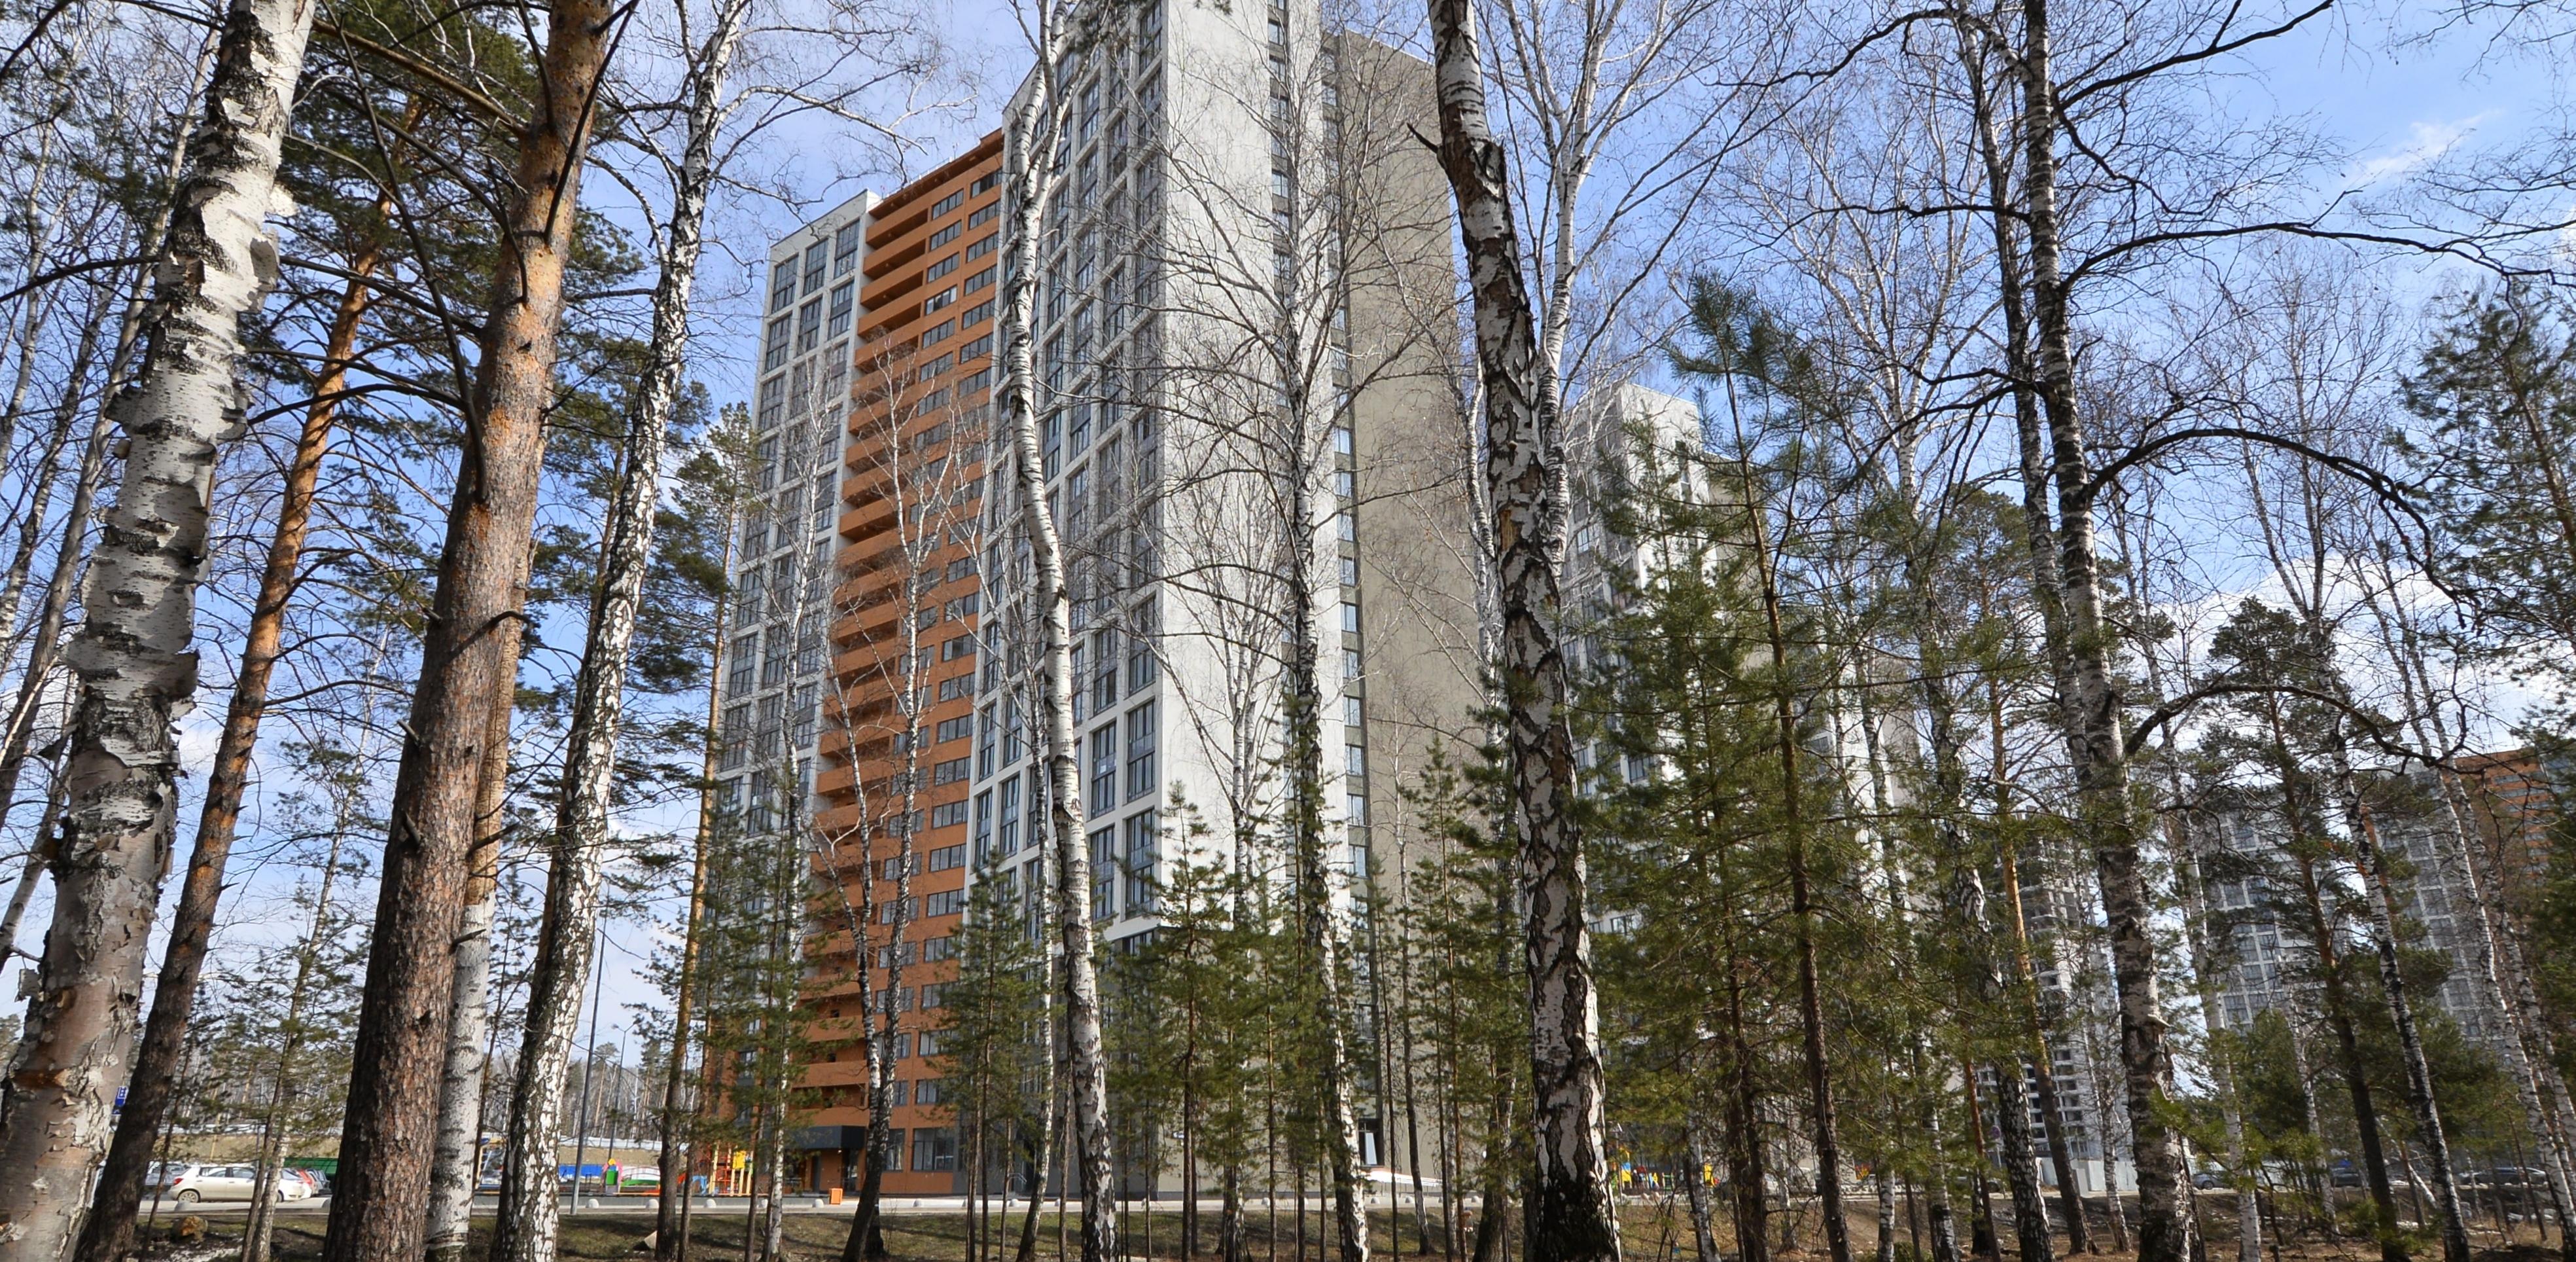 Планировки, инфраструктура, цены: главные вопросы к новостройкам Екатеринбурга